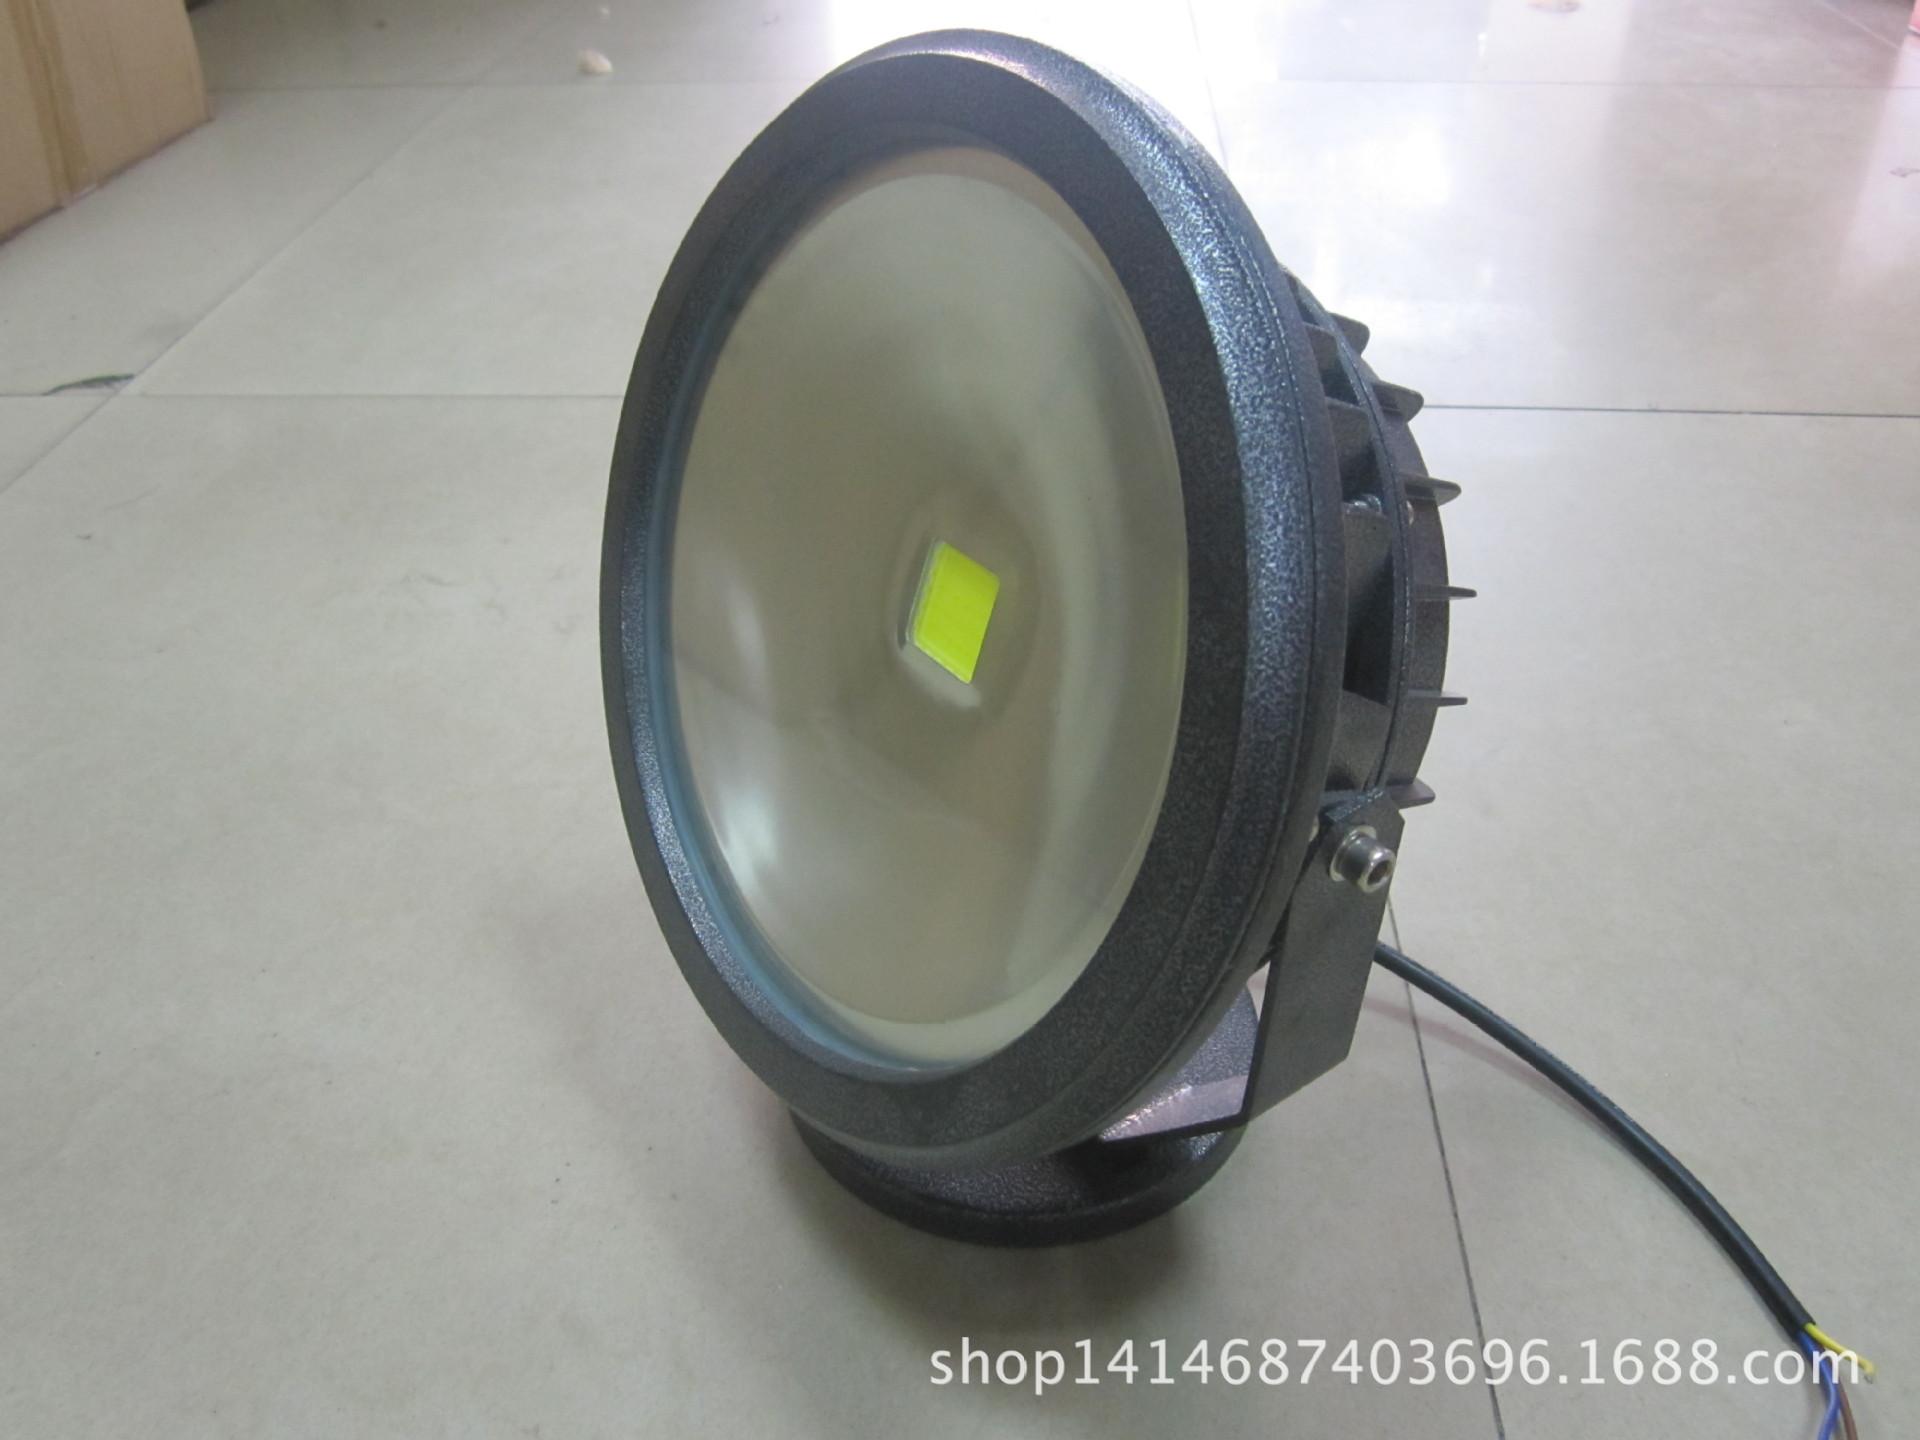 厂家直销高品质LED10W 20W 30W 40W 50W集成 圆形投光灯  投射灯